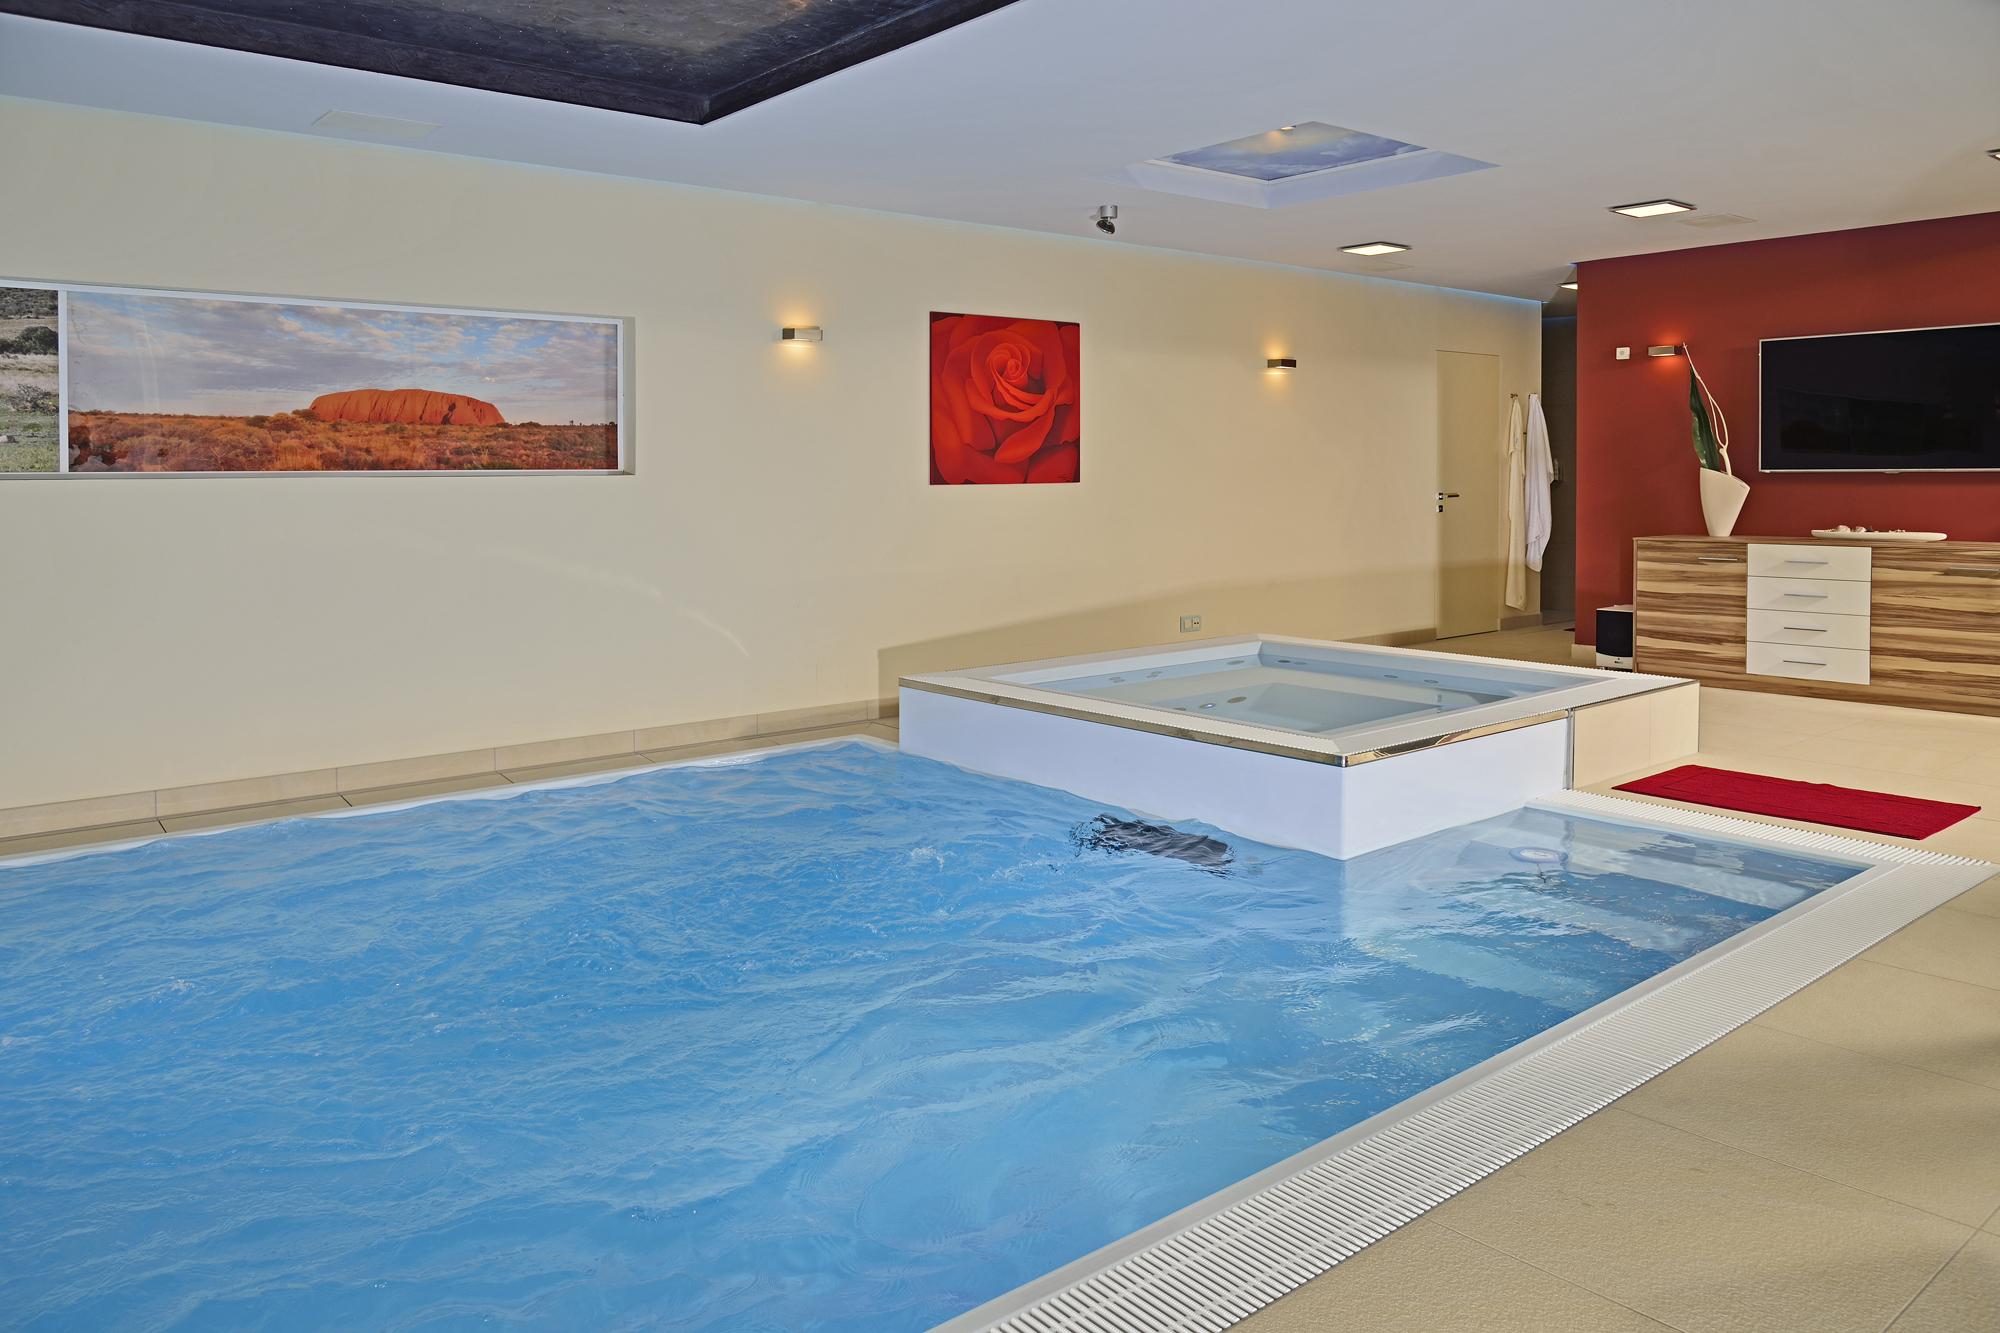 Custom Schwimmbecken mit Swimstreamanlage und Ansaugkanla unter dem Schwimmbecken